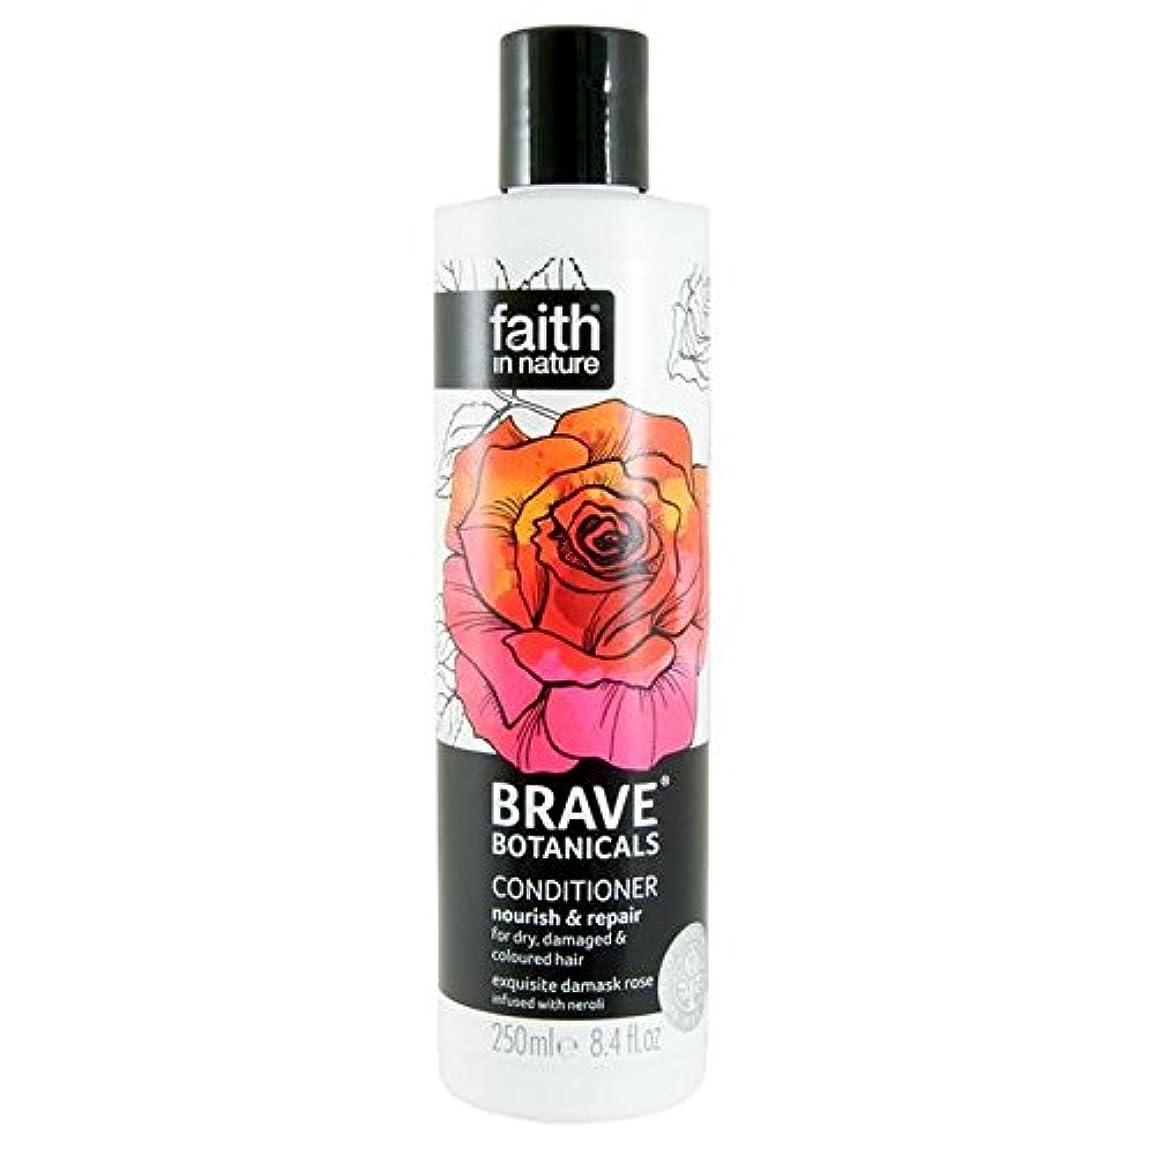 露骨な絶望的な学習Brave Botanicals Rose & Neroli Nourish & Repair Conditioner 250ml - (Faith In Nature) 勇敢な植物は、ローズ&ネロリは養う&リペアコンディショナー250Ml [並行輸入品]